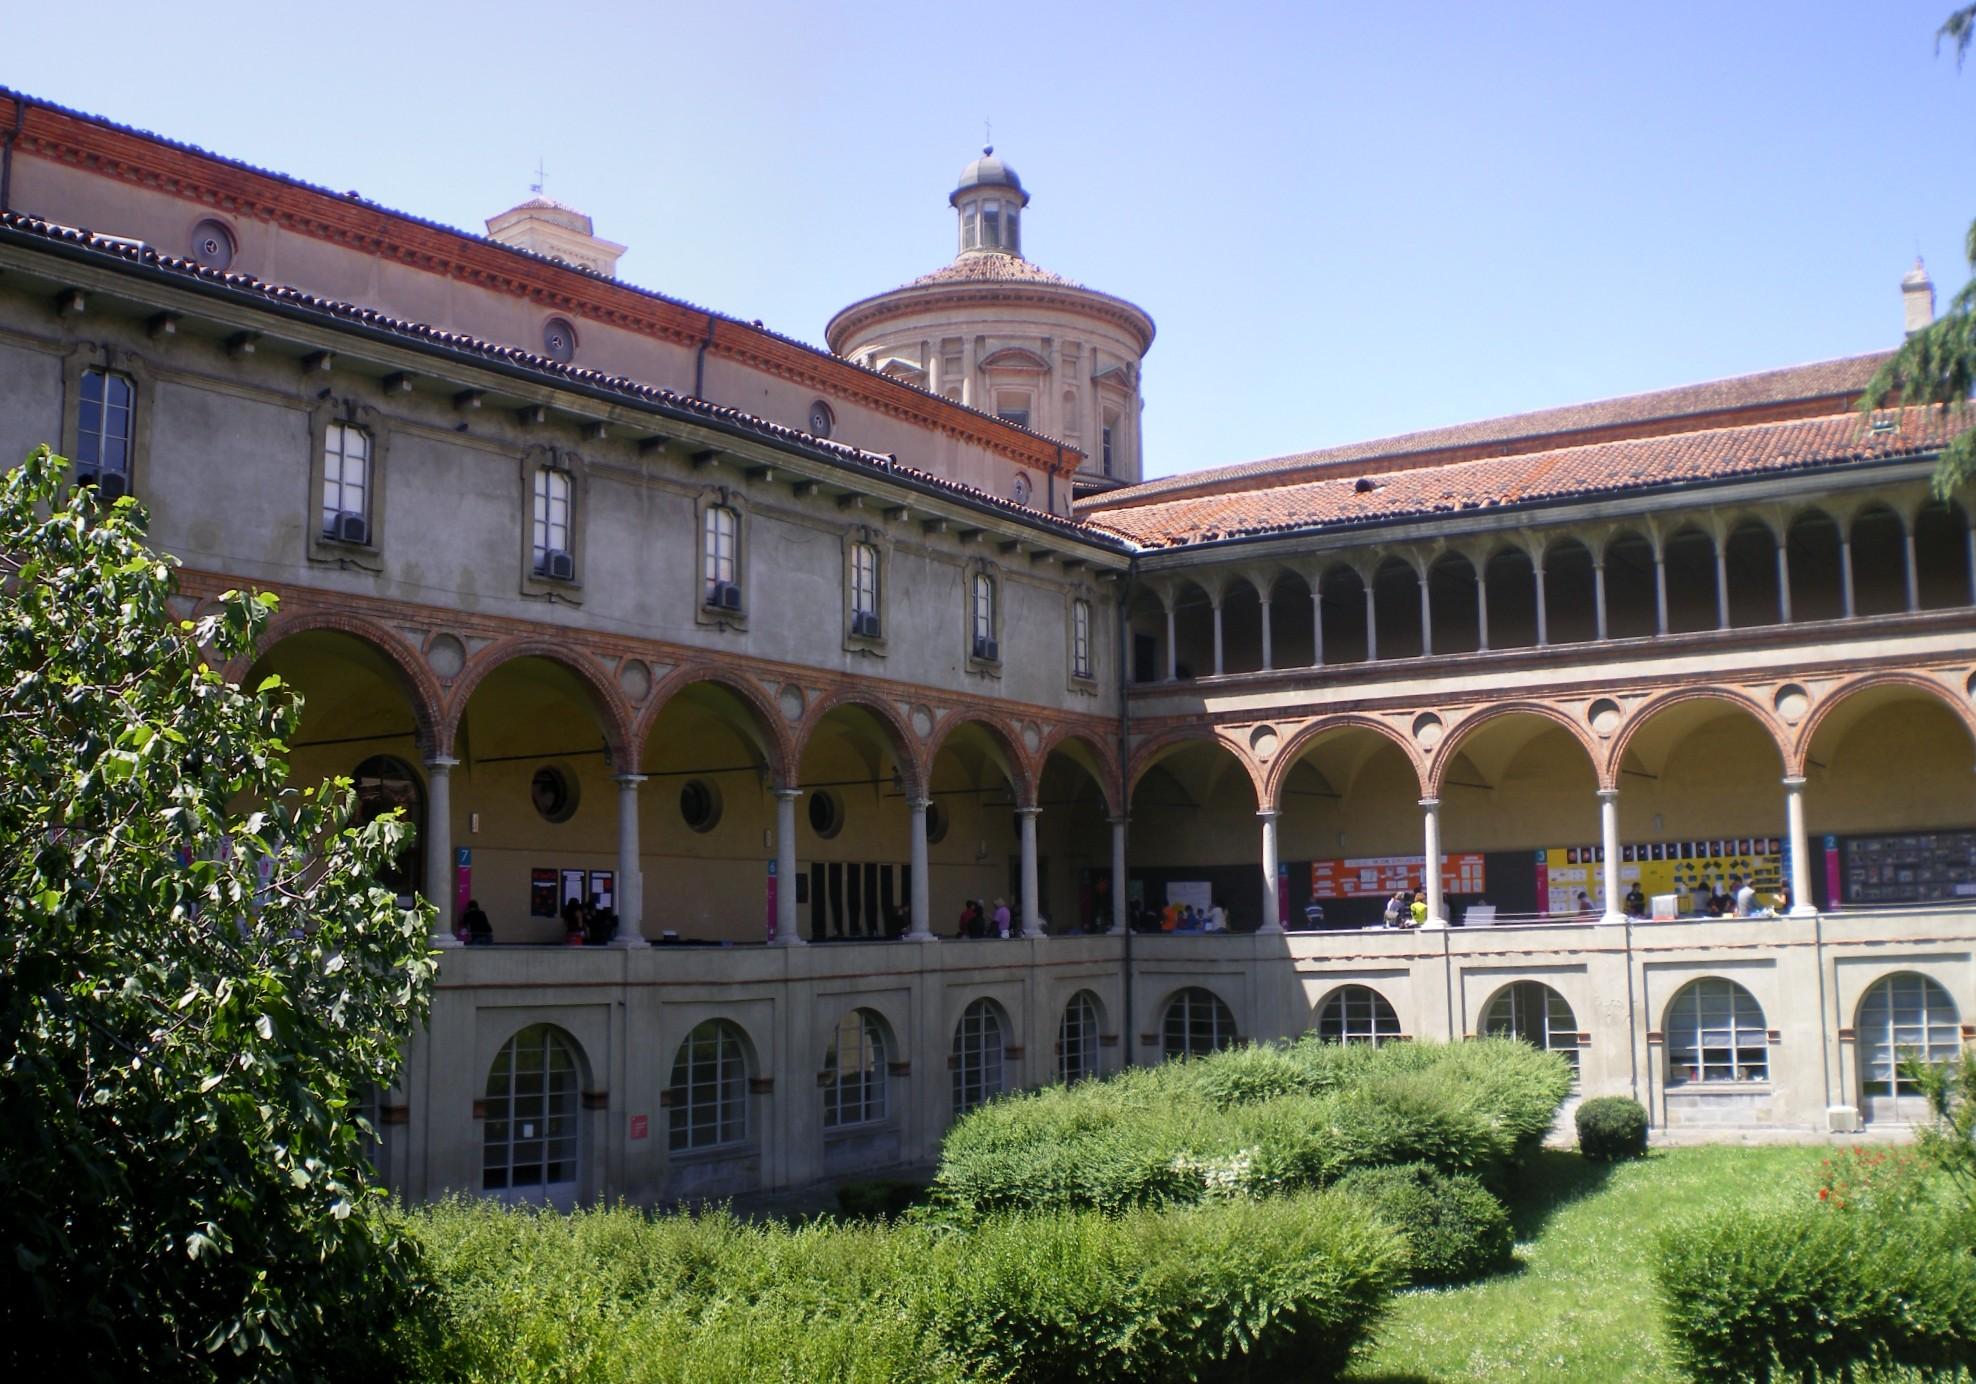 Panoramica_Chiostro_MuseoScienzaTecnologiaDaVinci_Milano